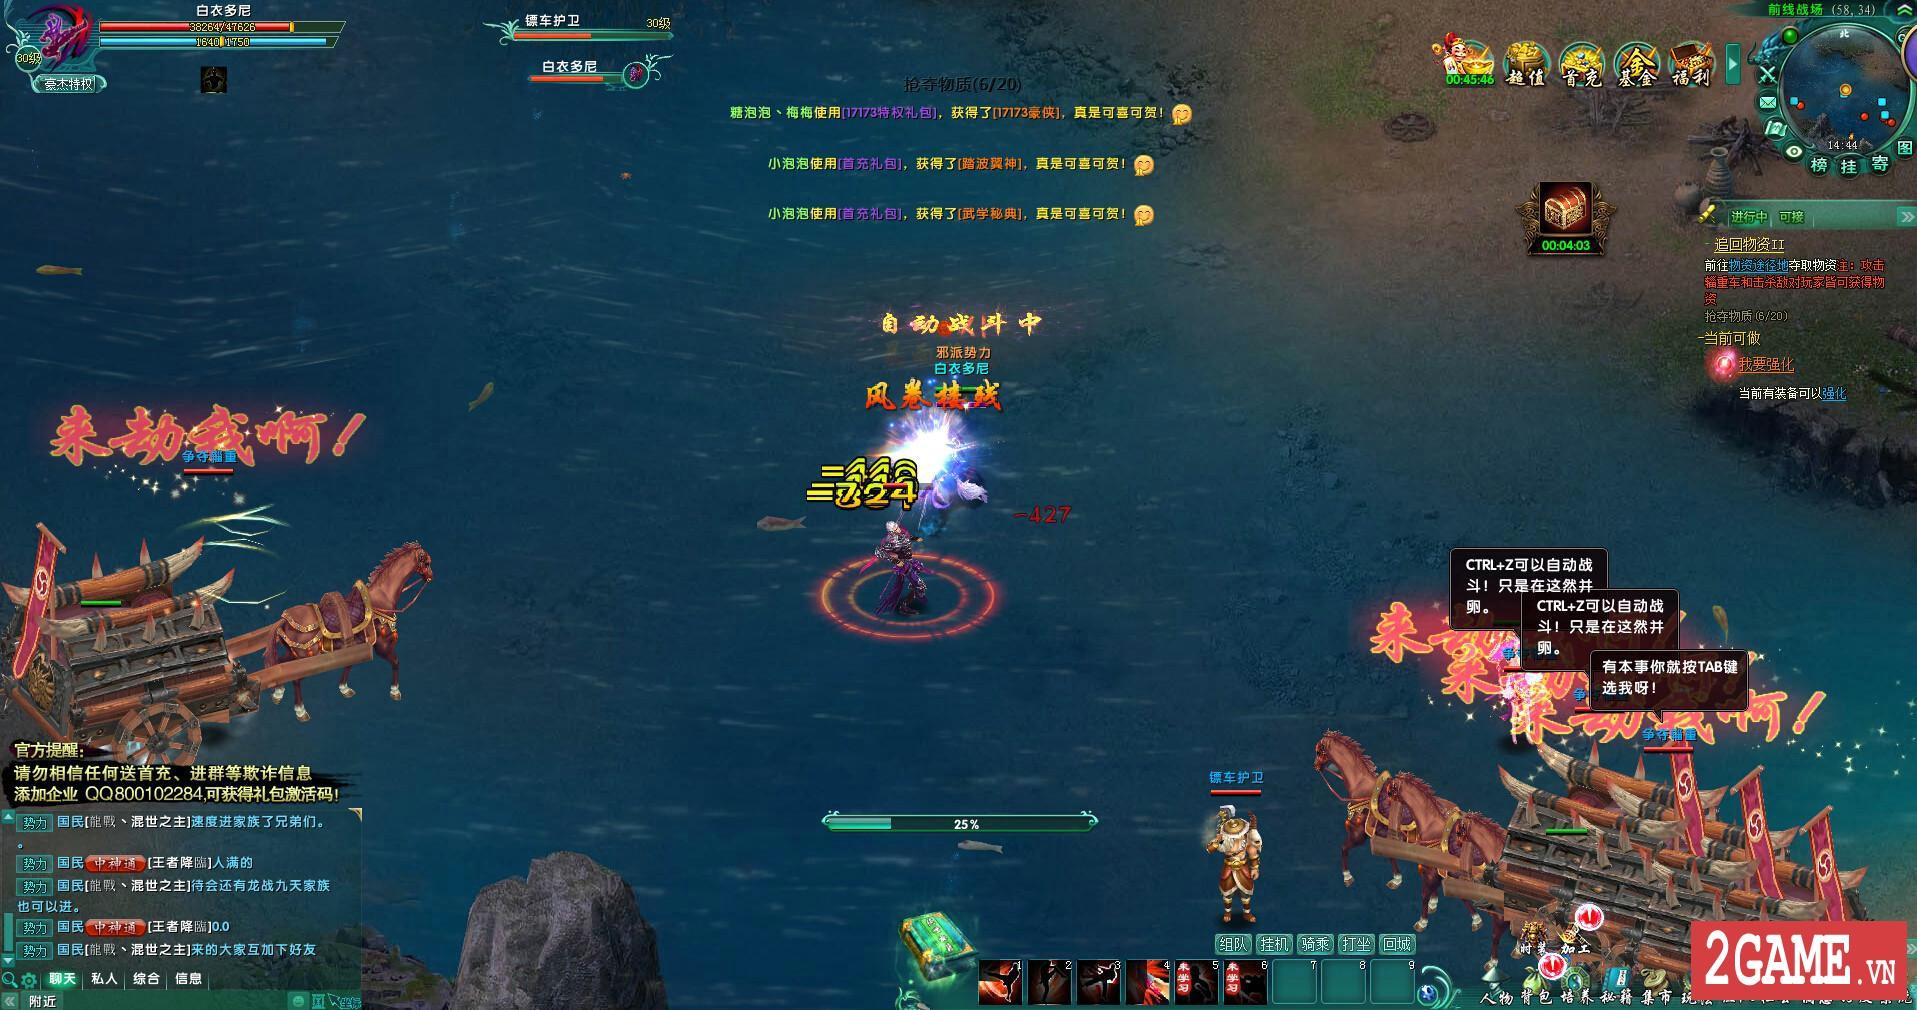 Tuyệt Thế Bí Tịch – Truy tìm bí tịch đệ nhất võ công với gameplay nhập vai truyền thống 5